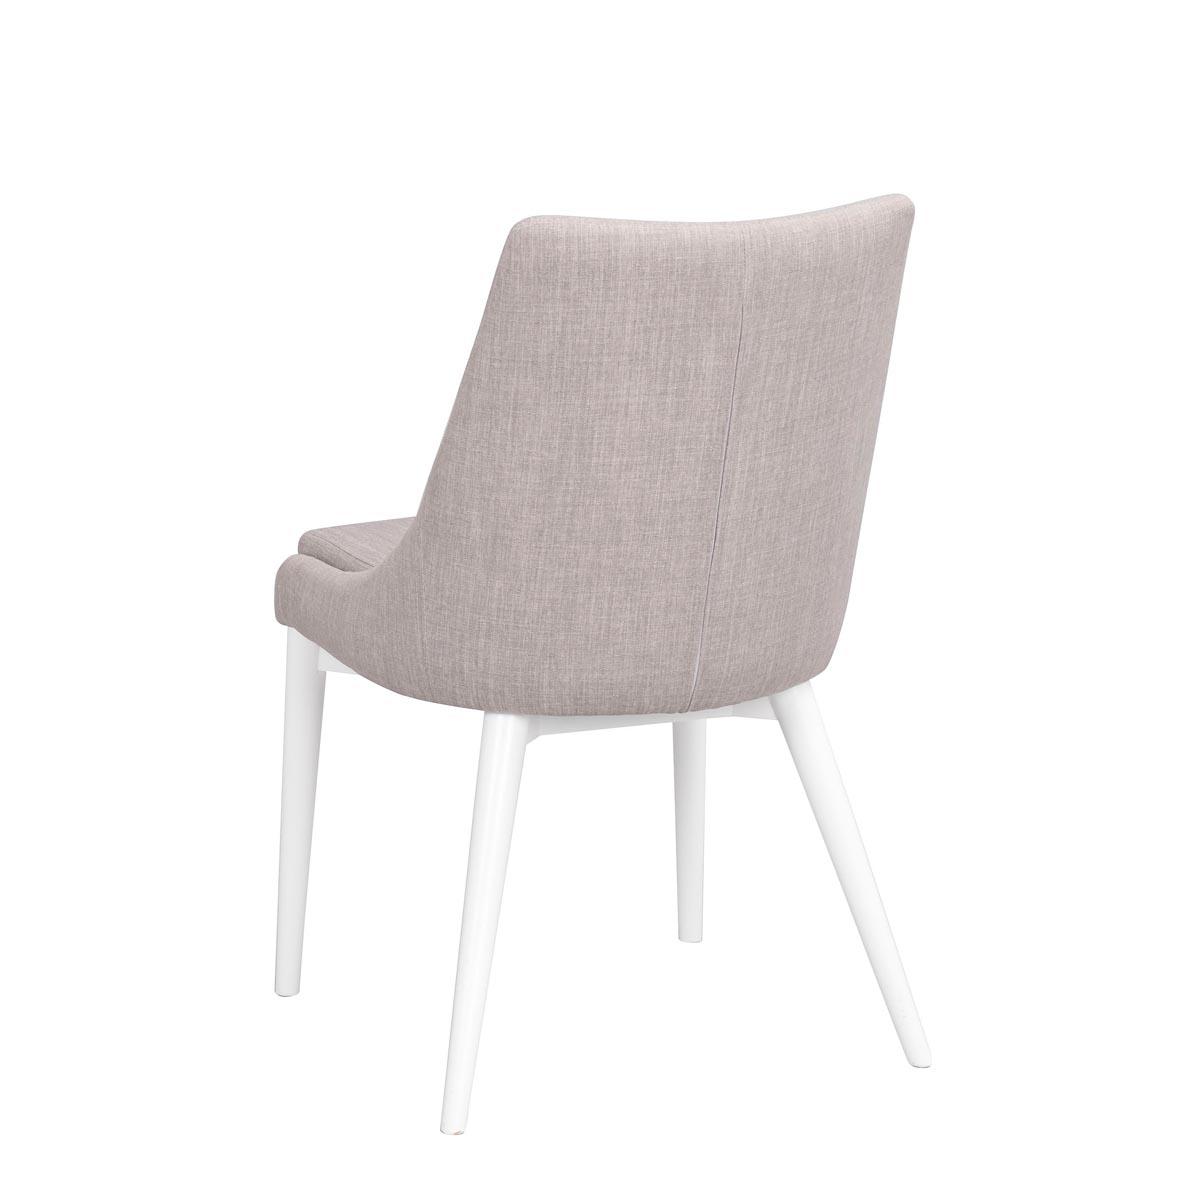 Bea-stol-ljusgrå_vitR-118310_d